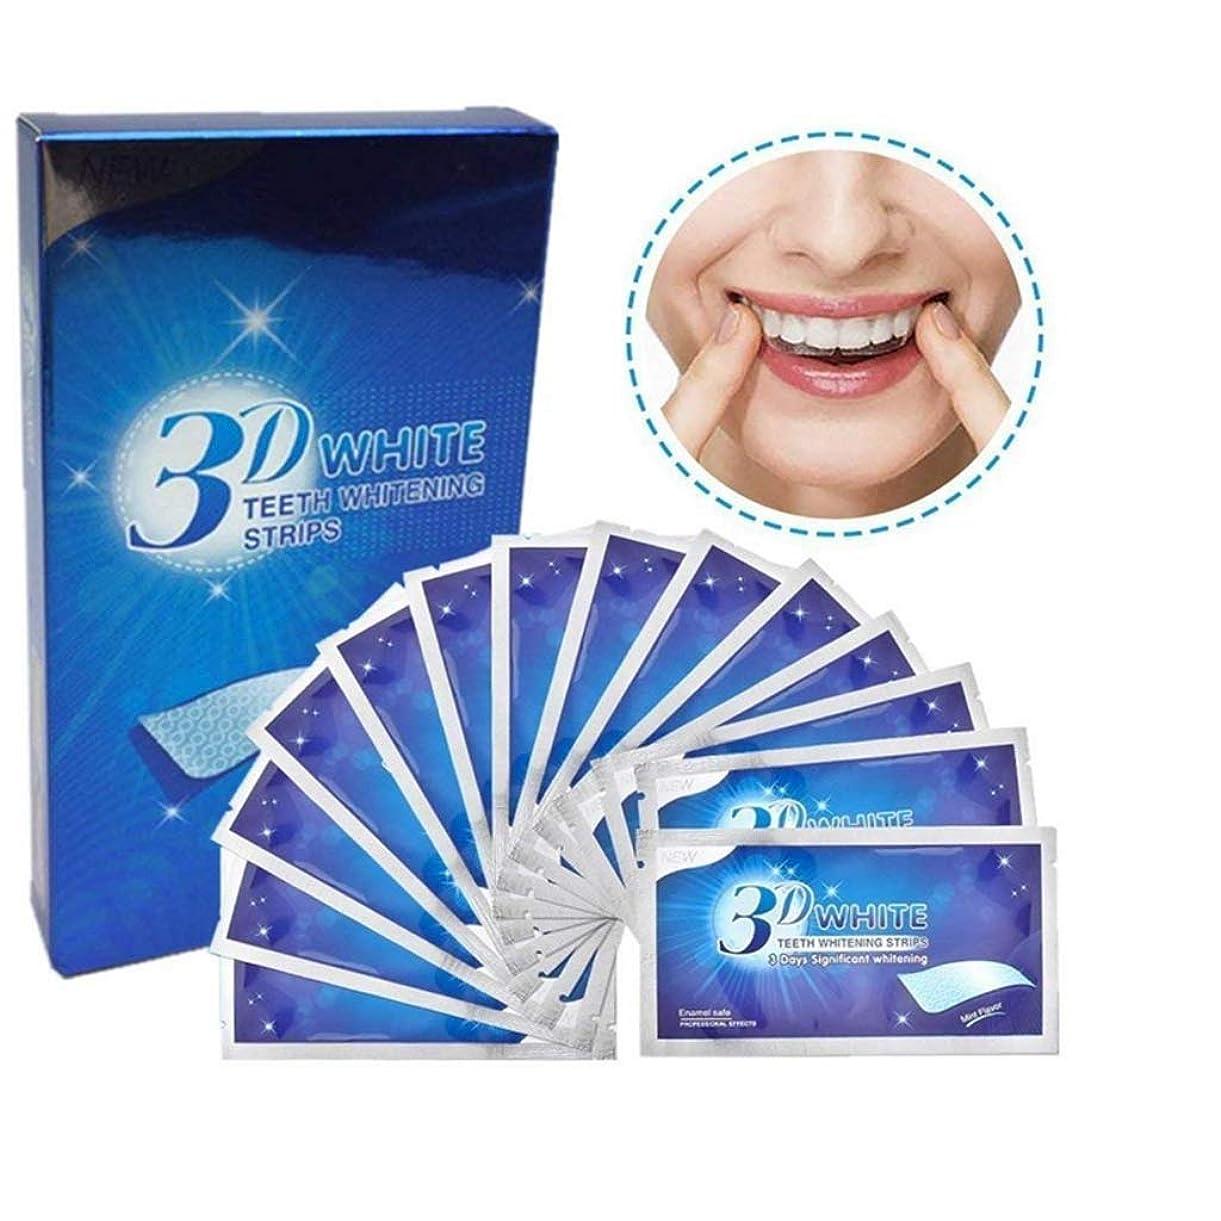 不名誉振動させる滝WENER 歯を白くするストリップ、プロフェッショナルな歯を漂白するゲルストリップ有効な歯科用ケアキット歯垢を除去しますー14パック28枚 ドライ ホワイトニング